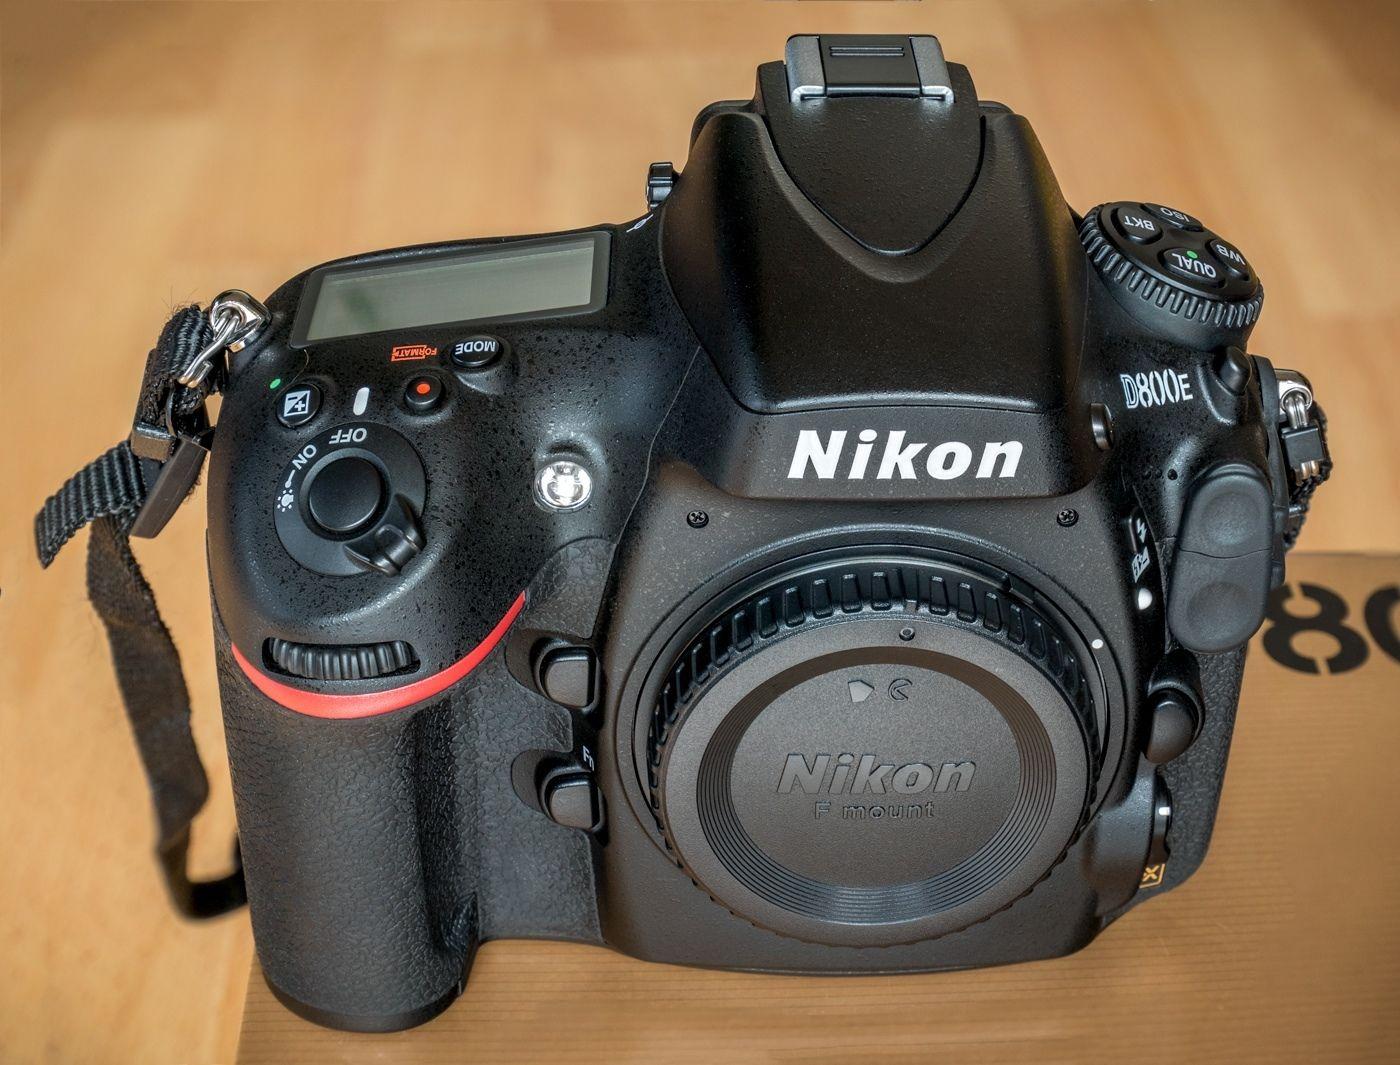 Nikon D800E 36.3 MP SLR-Digitalkamera Gehäuse | Nur 11.406 Auslösungen | OVP +++